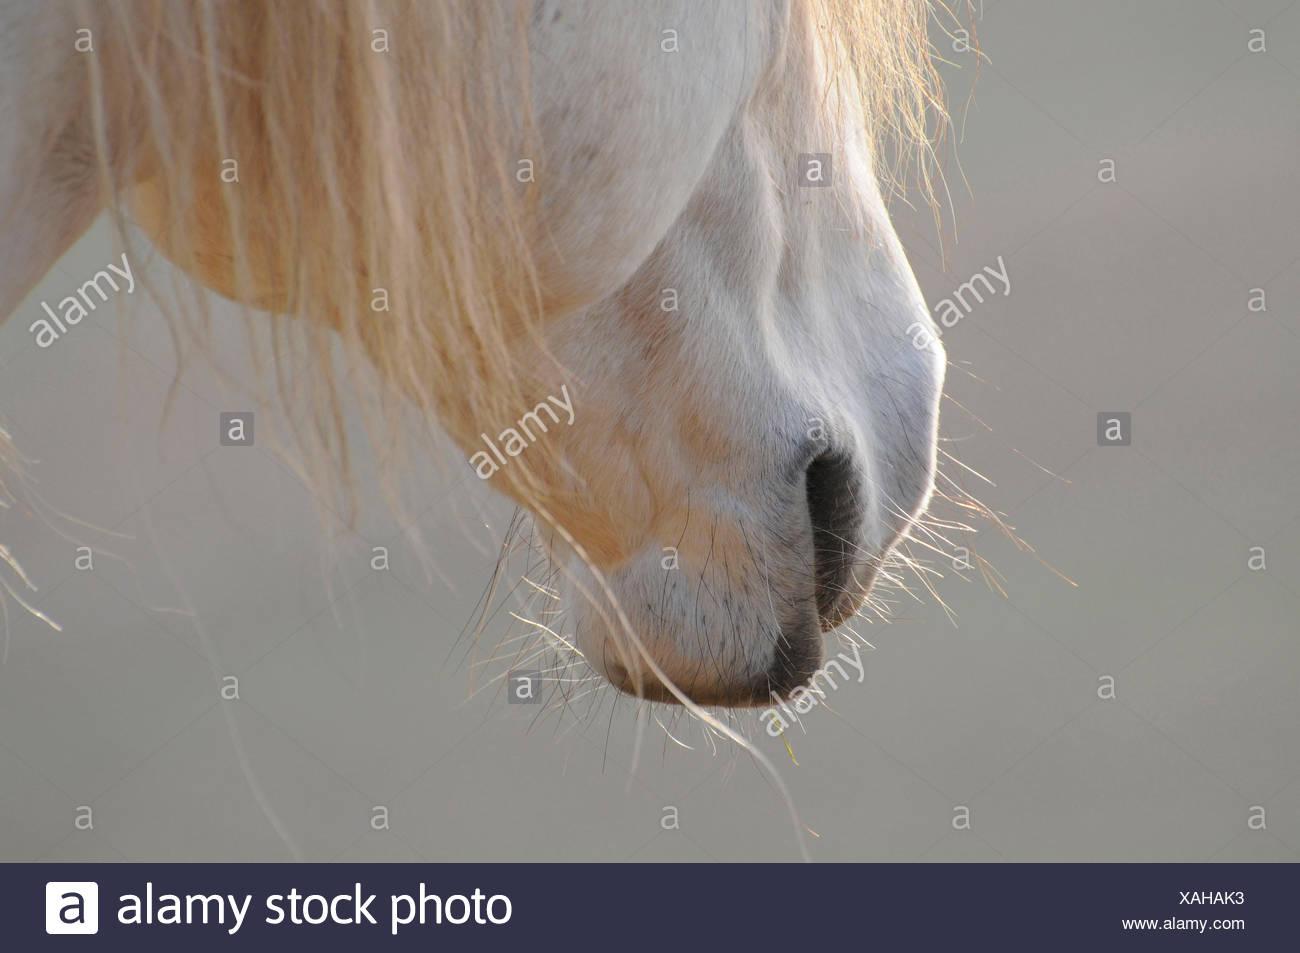 Lusitano, stallion - Stock Image